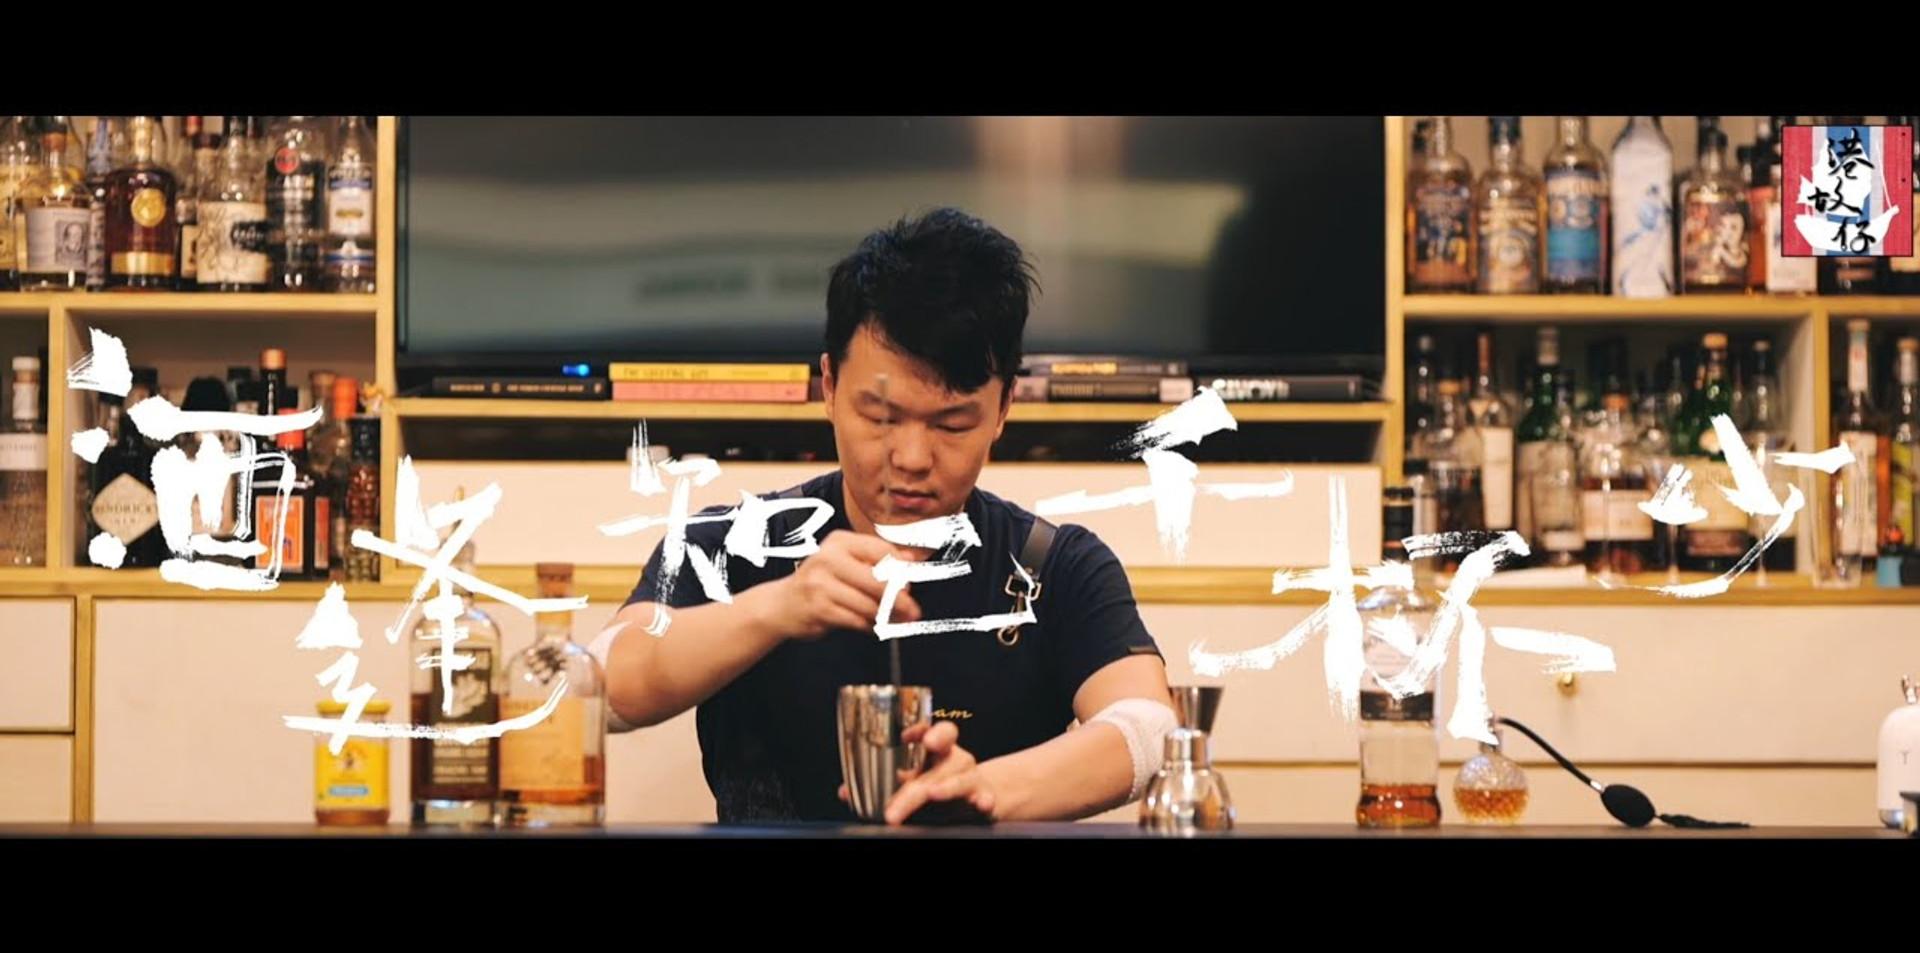 2.82 香港有花式調酒師?一杯雞尾酒故事你又知幾多?#cocktail #Bartender